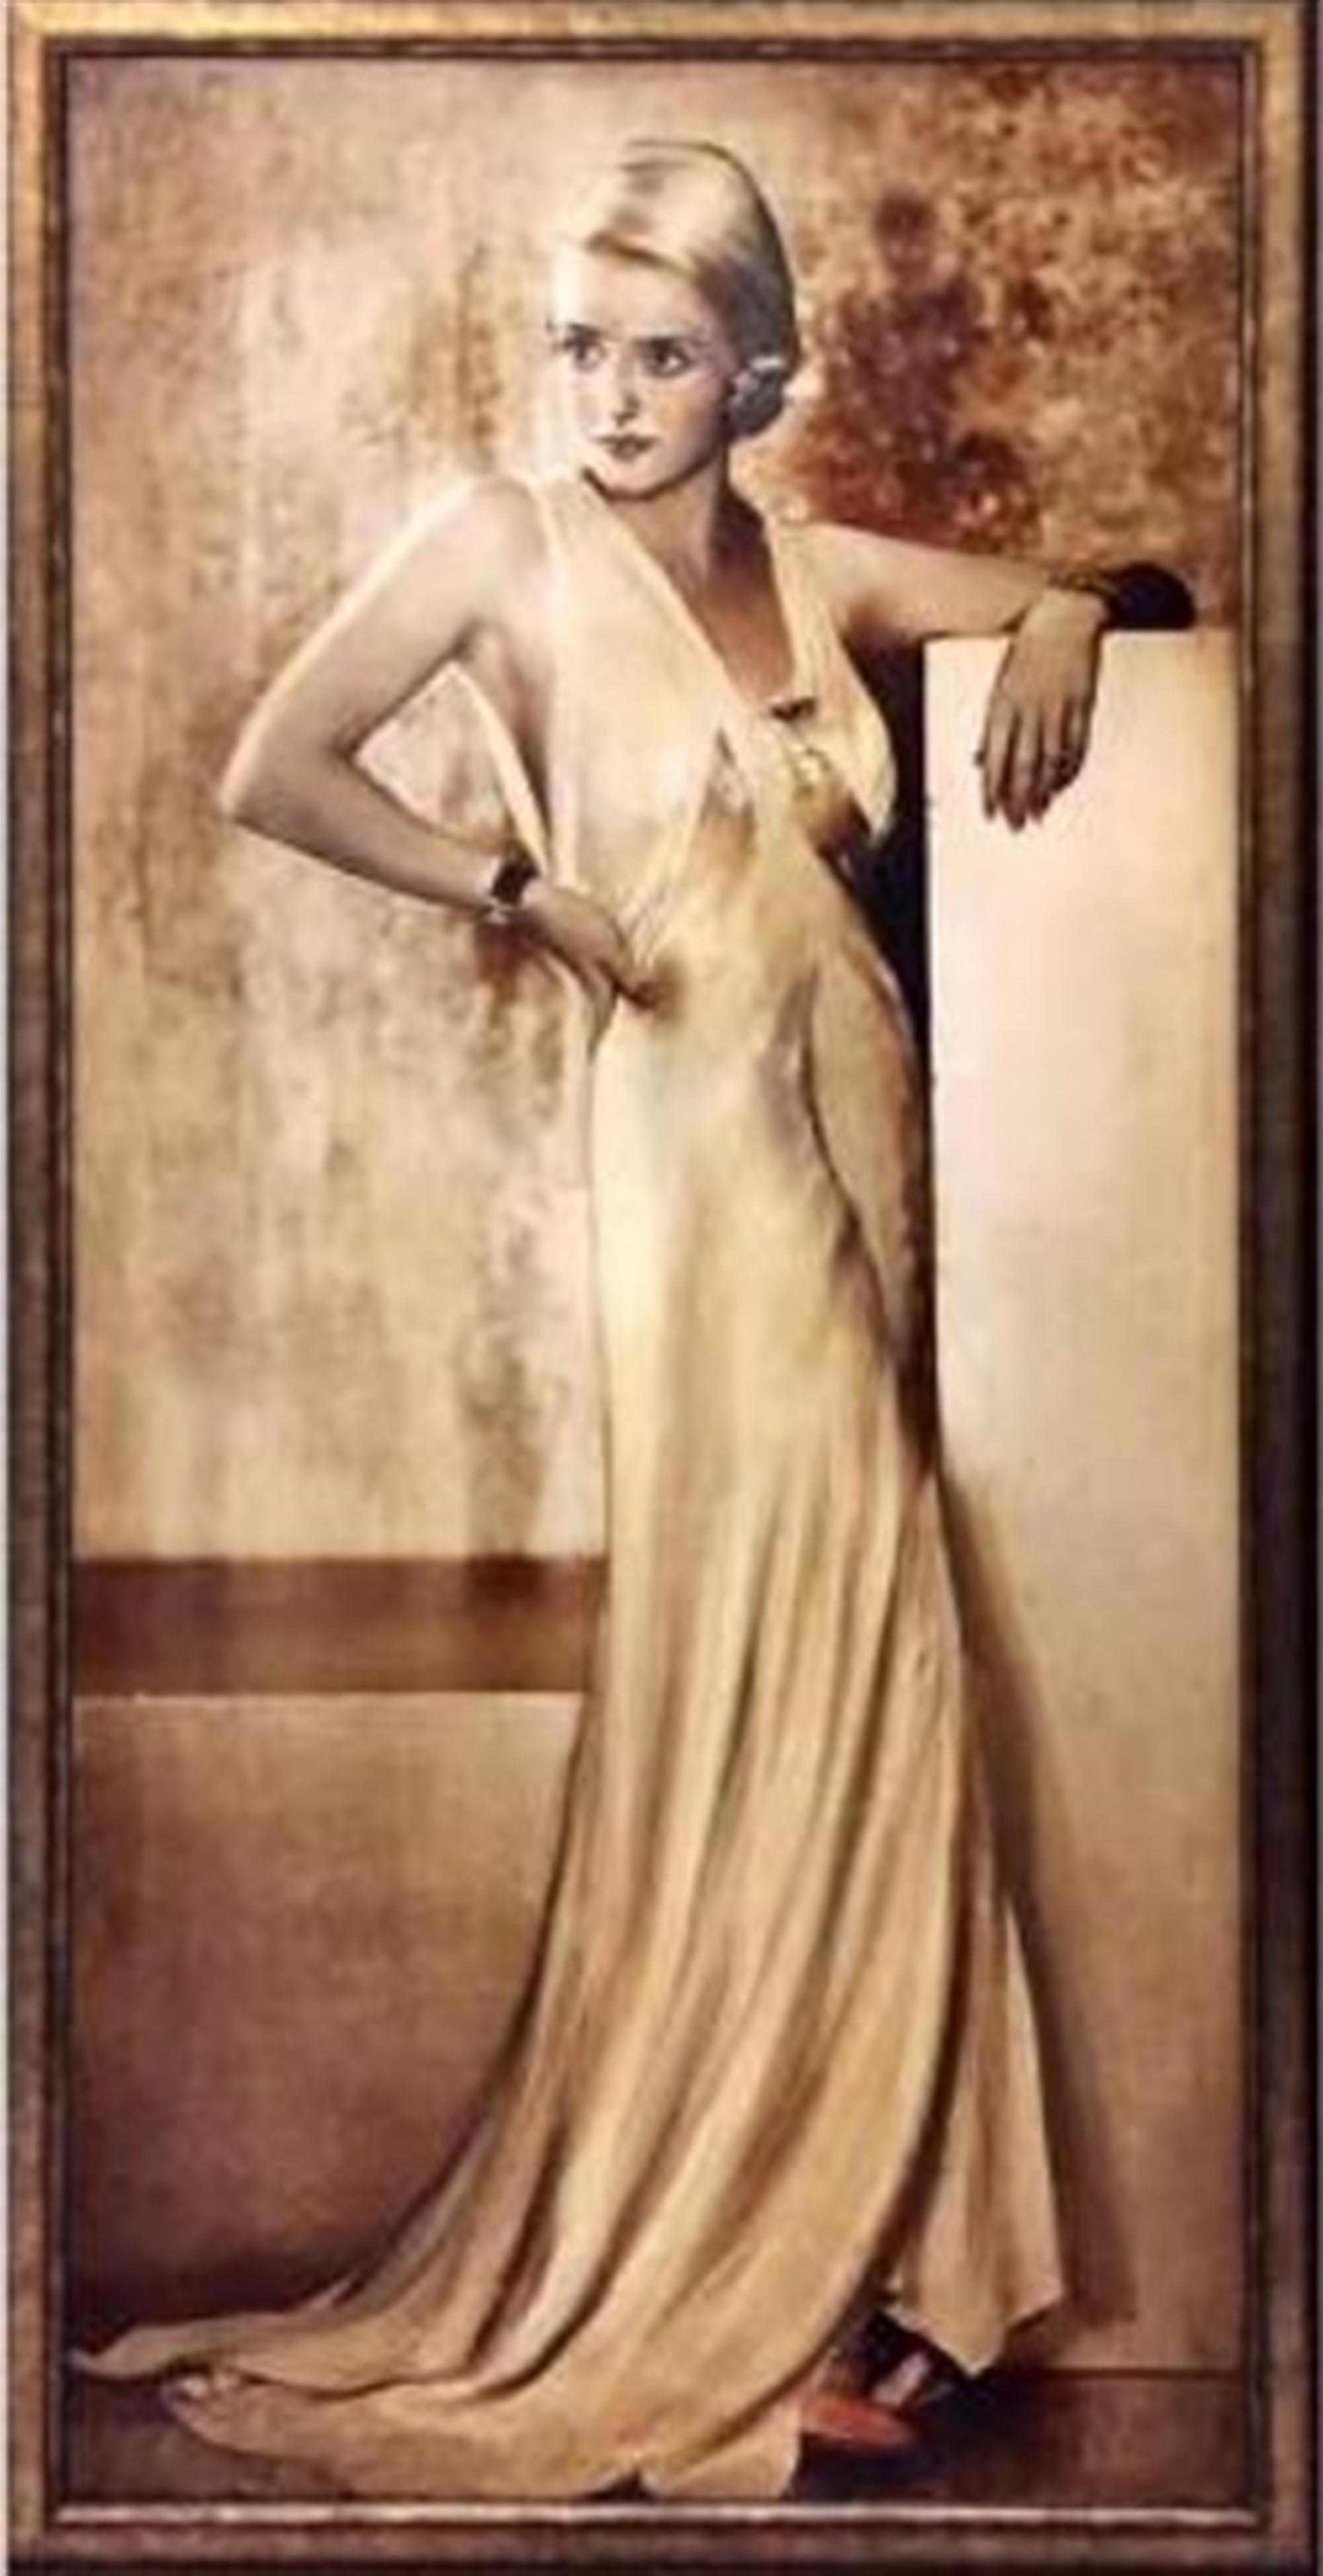 Bette Davis by Bill Mack